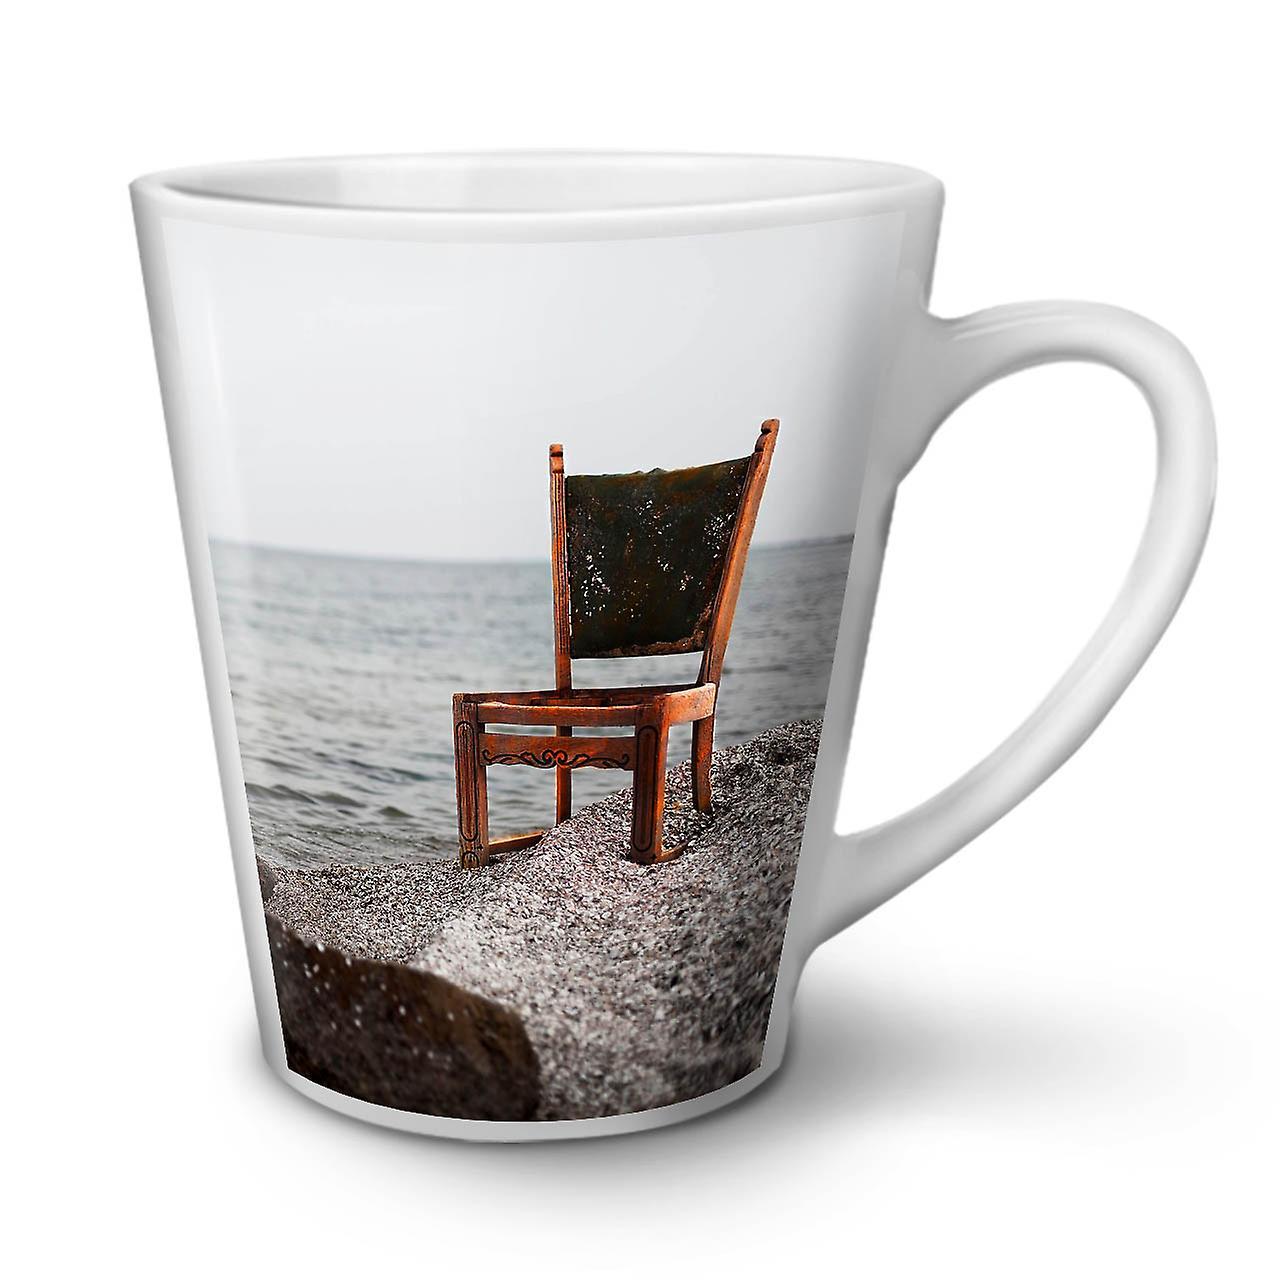 Oceaan kunst foto natuur nieuwe witte thee koffie keramische latte mok 12 oz wellcoda fruugo - Stoel nieuwe kunst ...